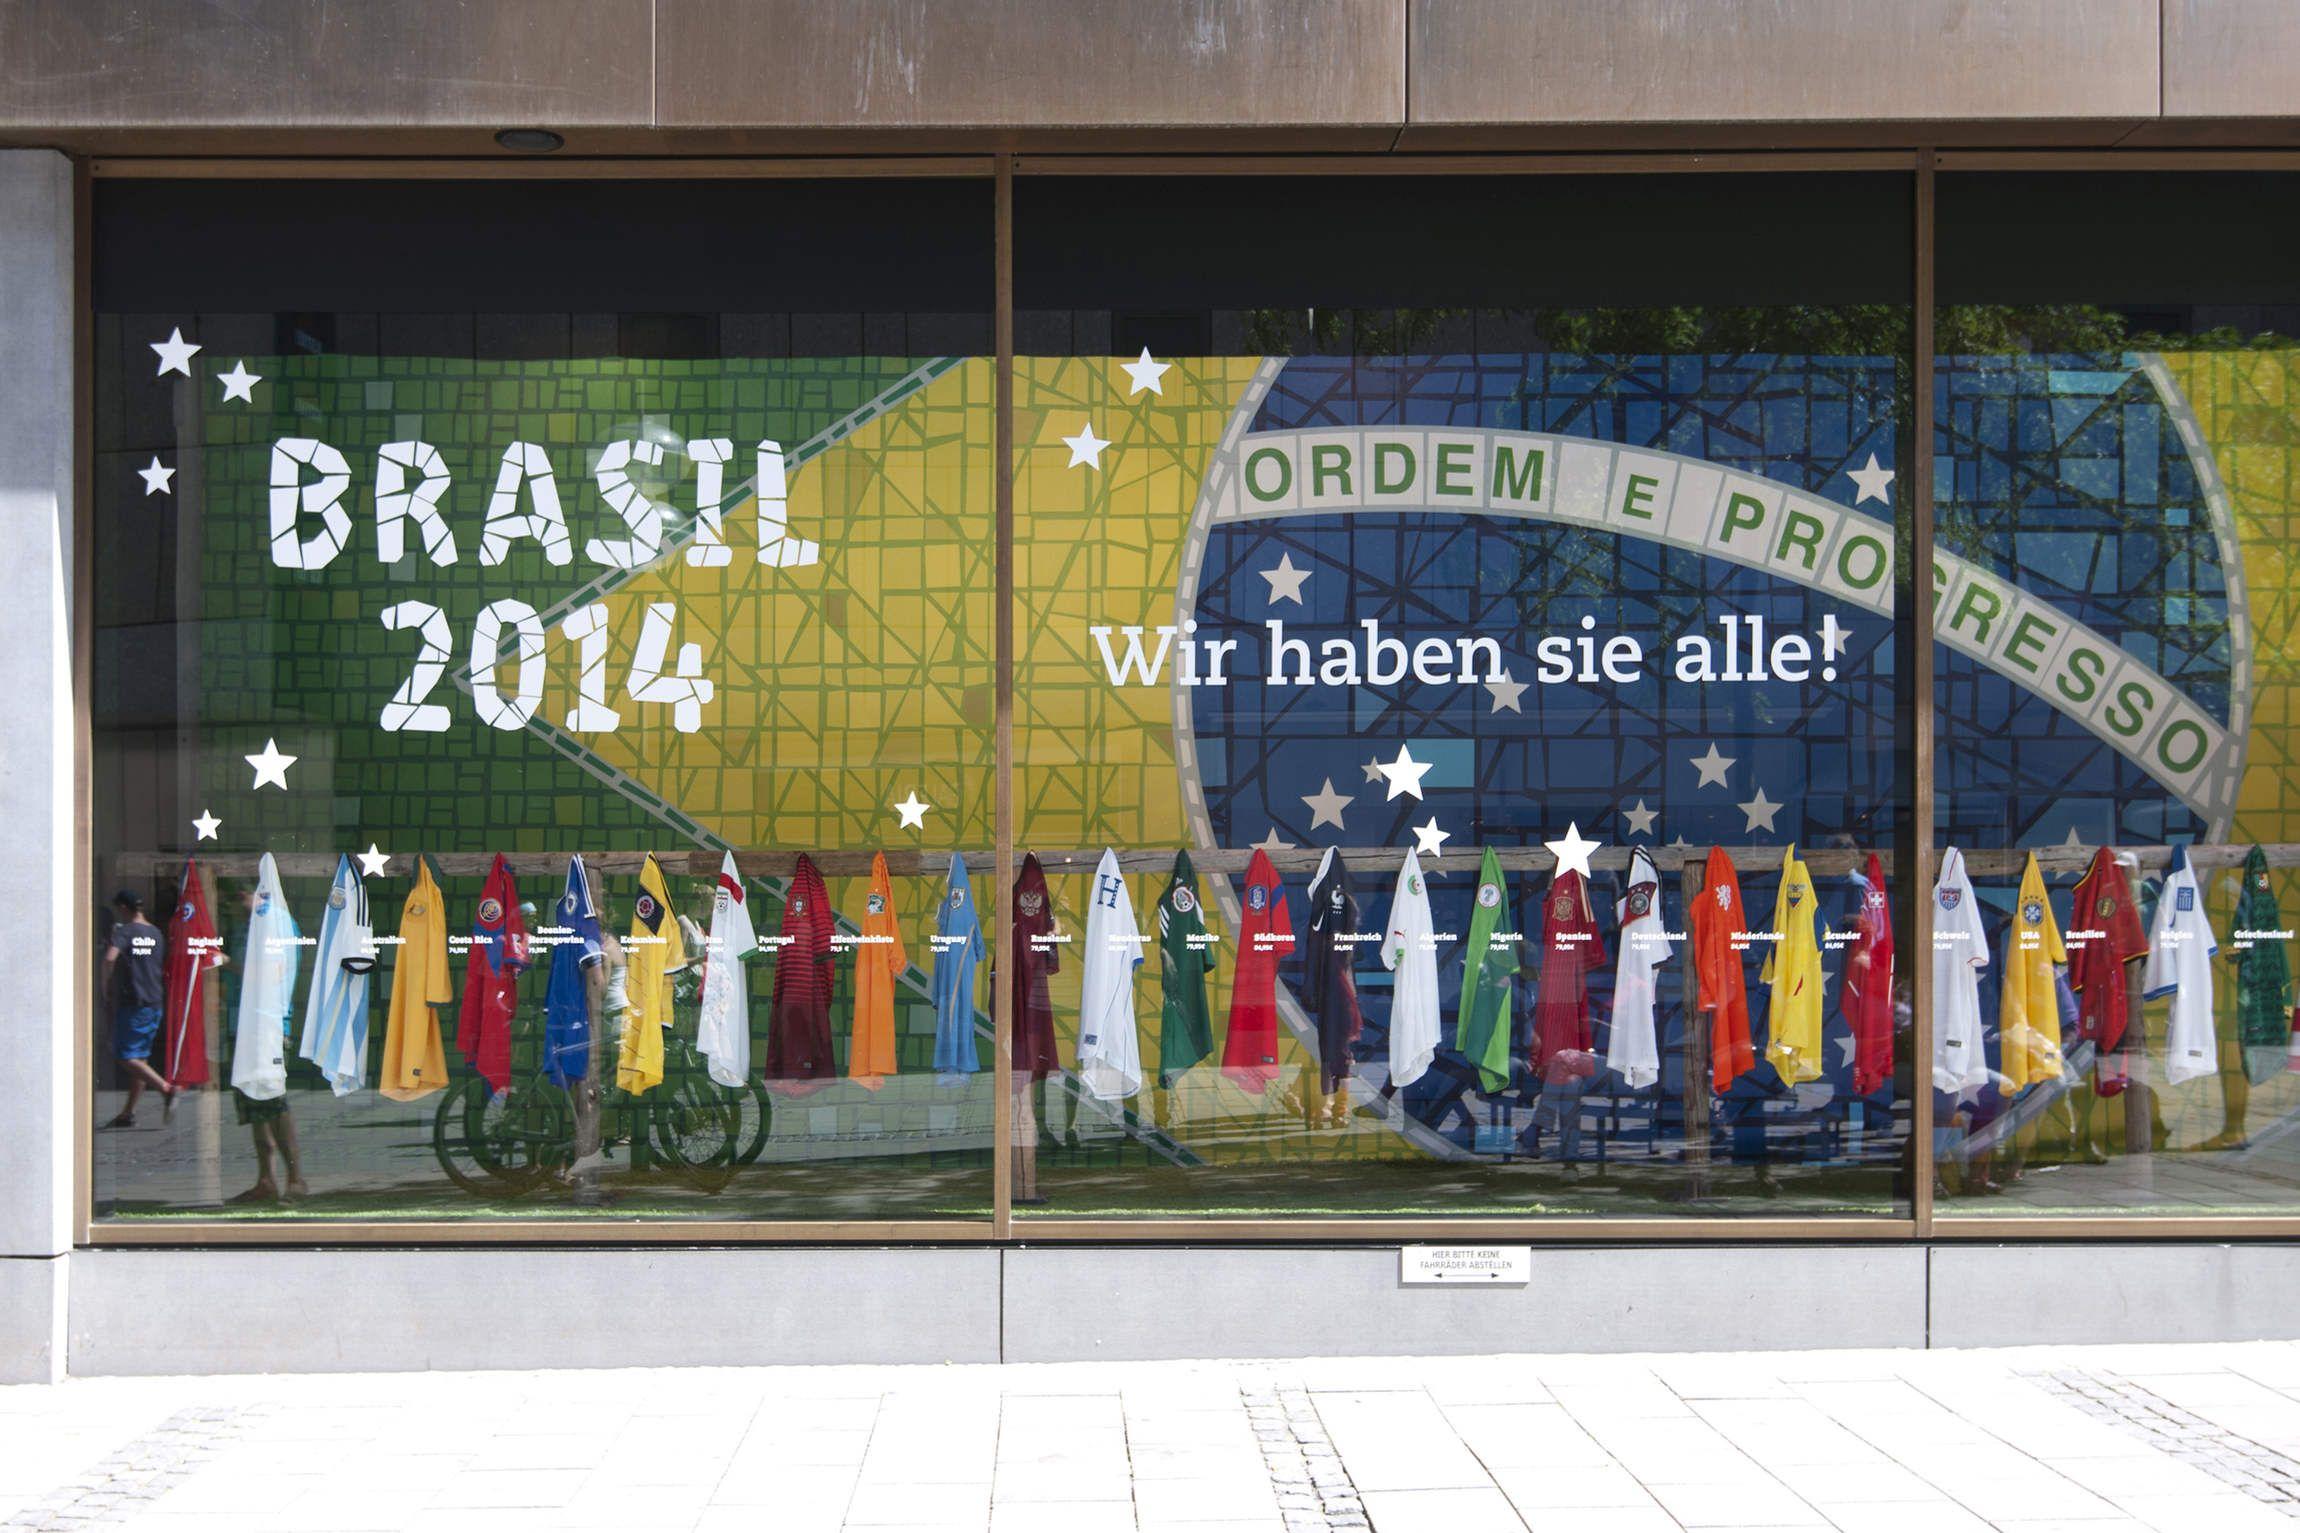 Amüsant Schaufensterdekoration Beispiele Sammlung Von Ter / Ter – Aktion Fußball-wm 2014